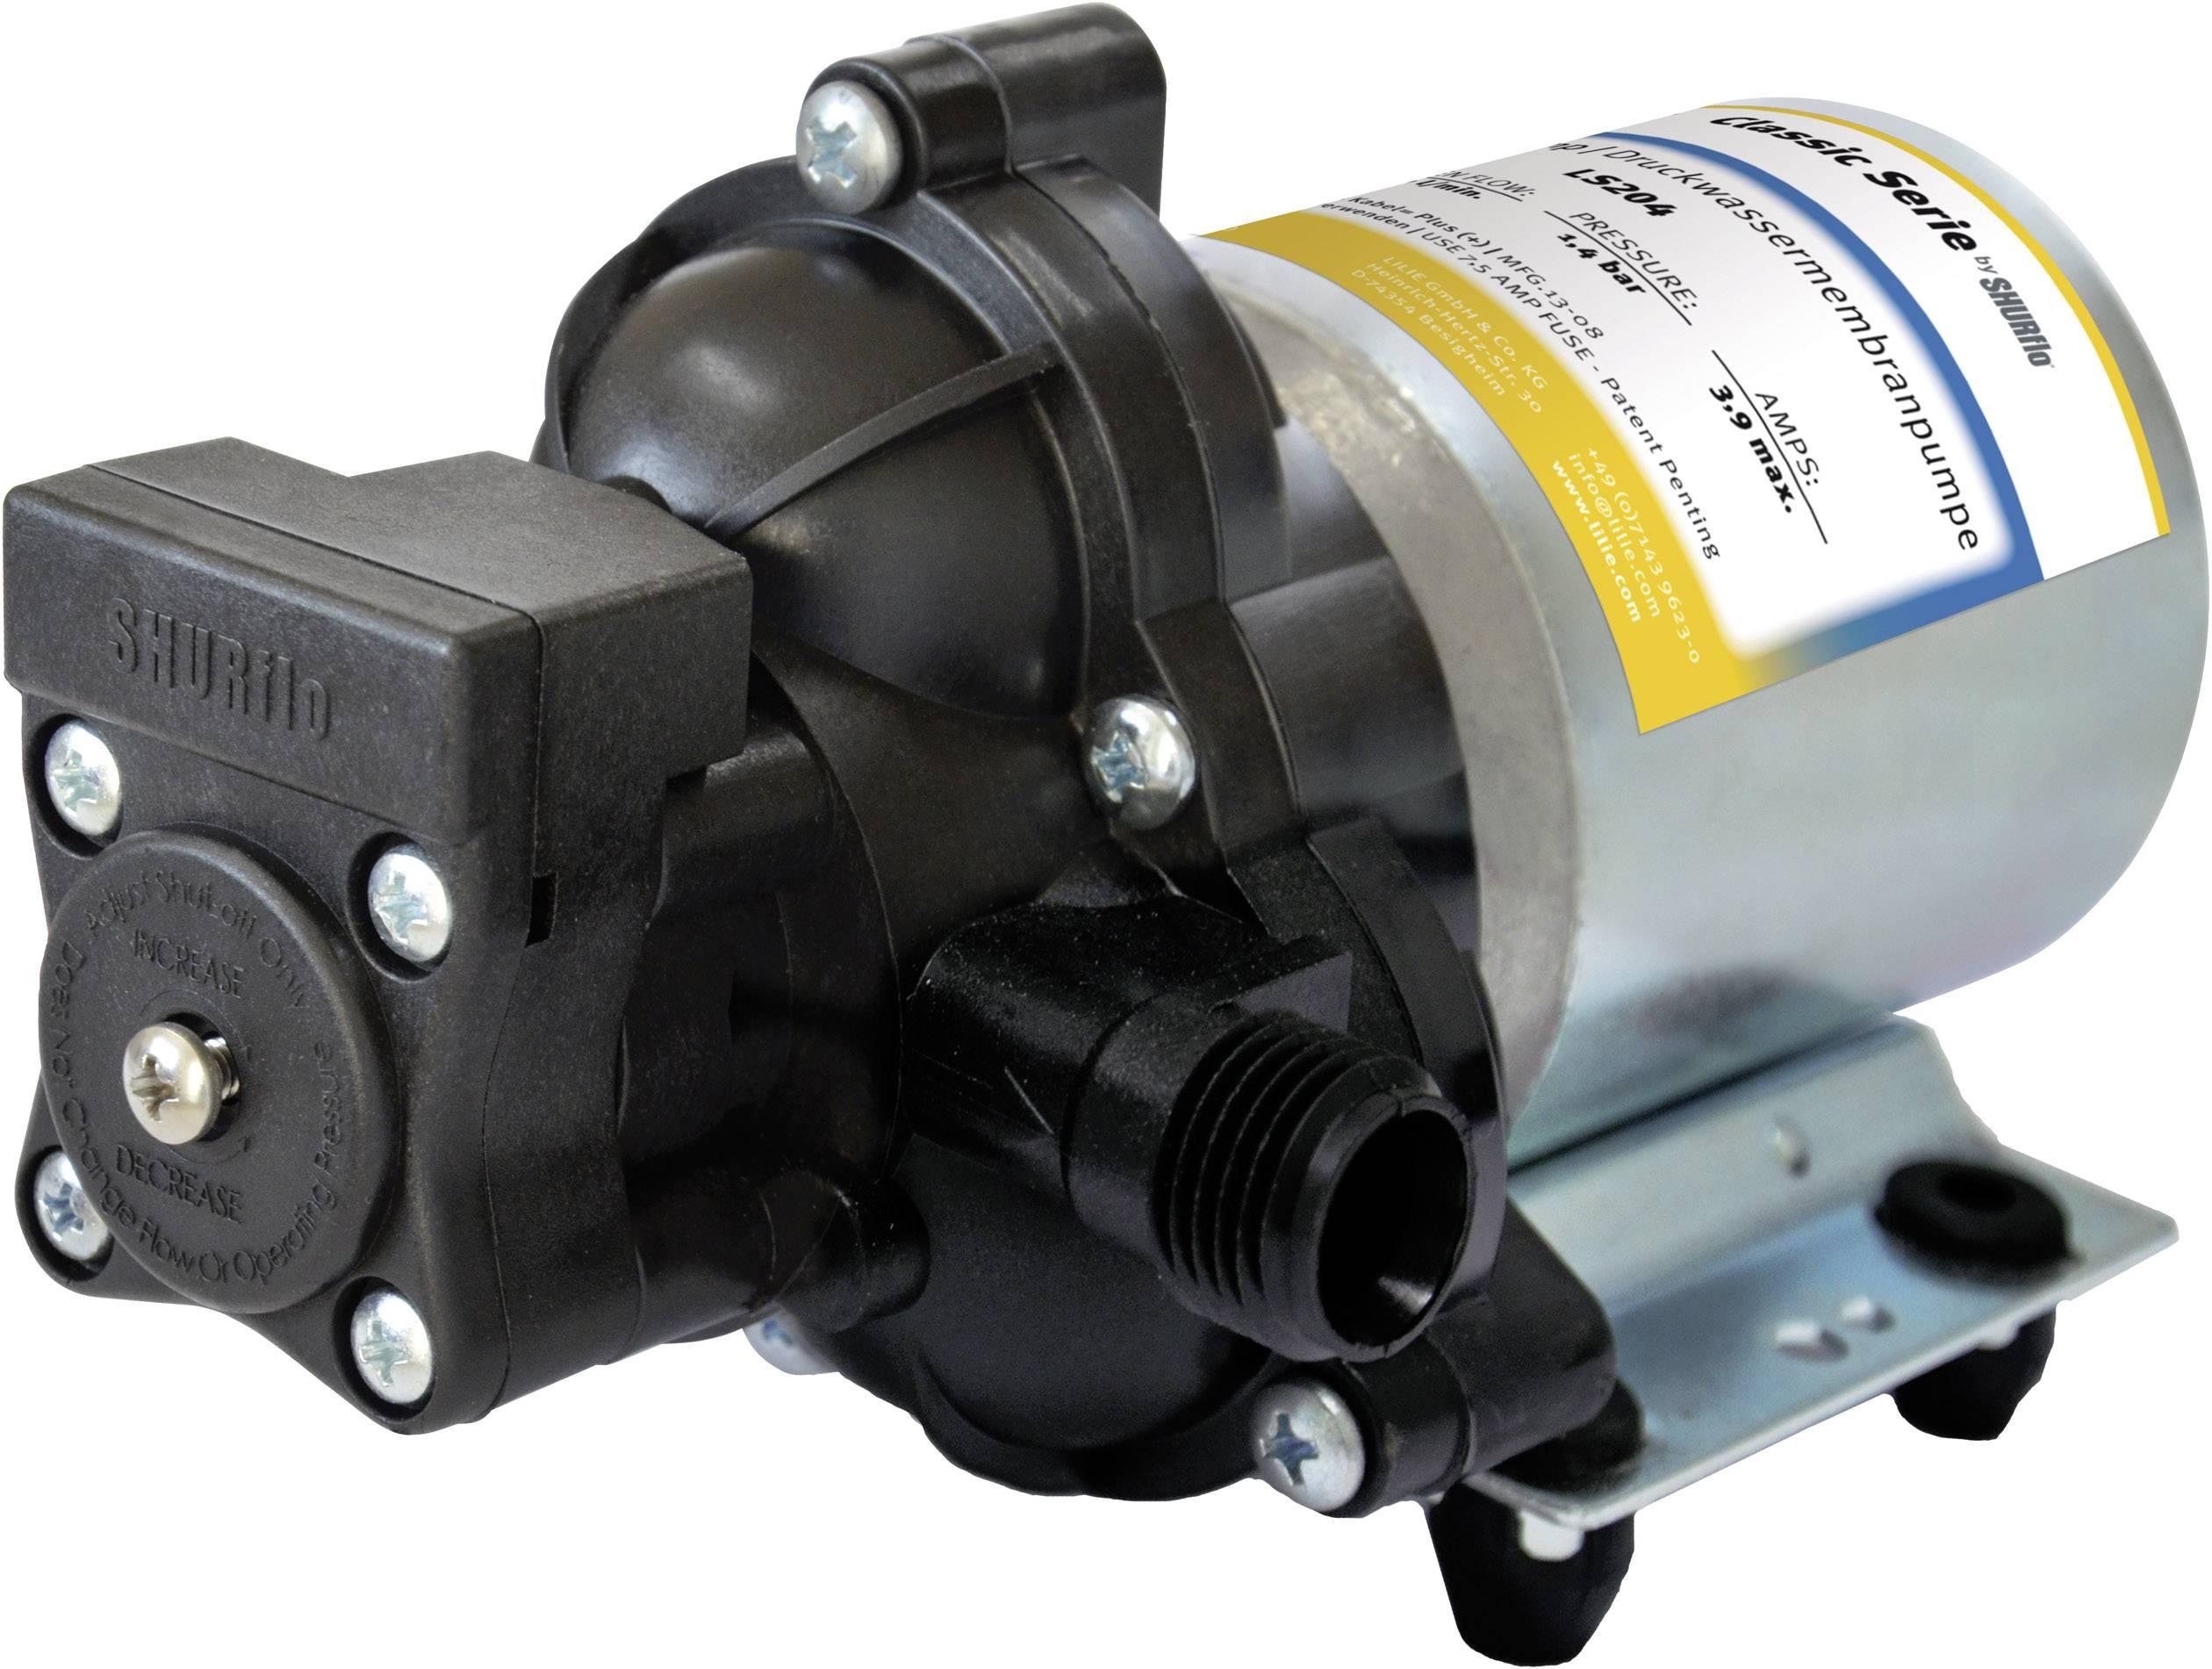 Automatické tlakové čerpadlo SHURflo Trail King, S204C, 12 V, 4 A, 7 l/min, 7 m